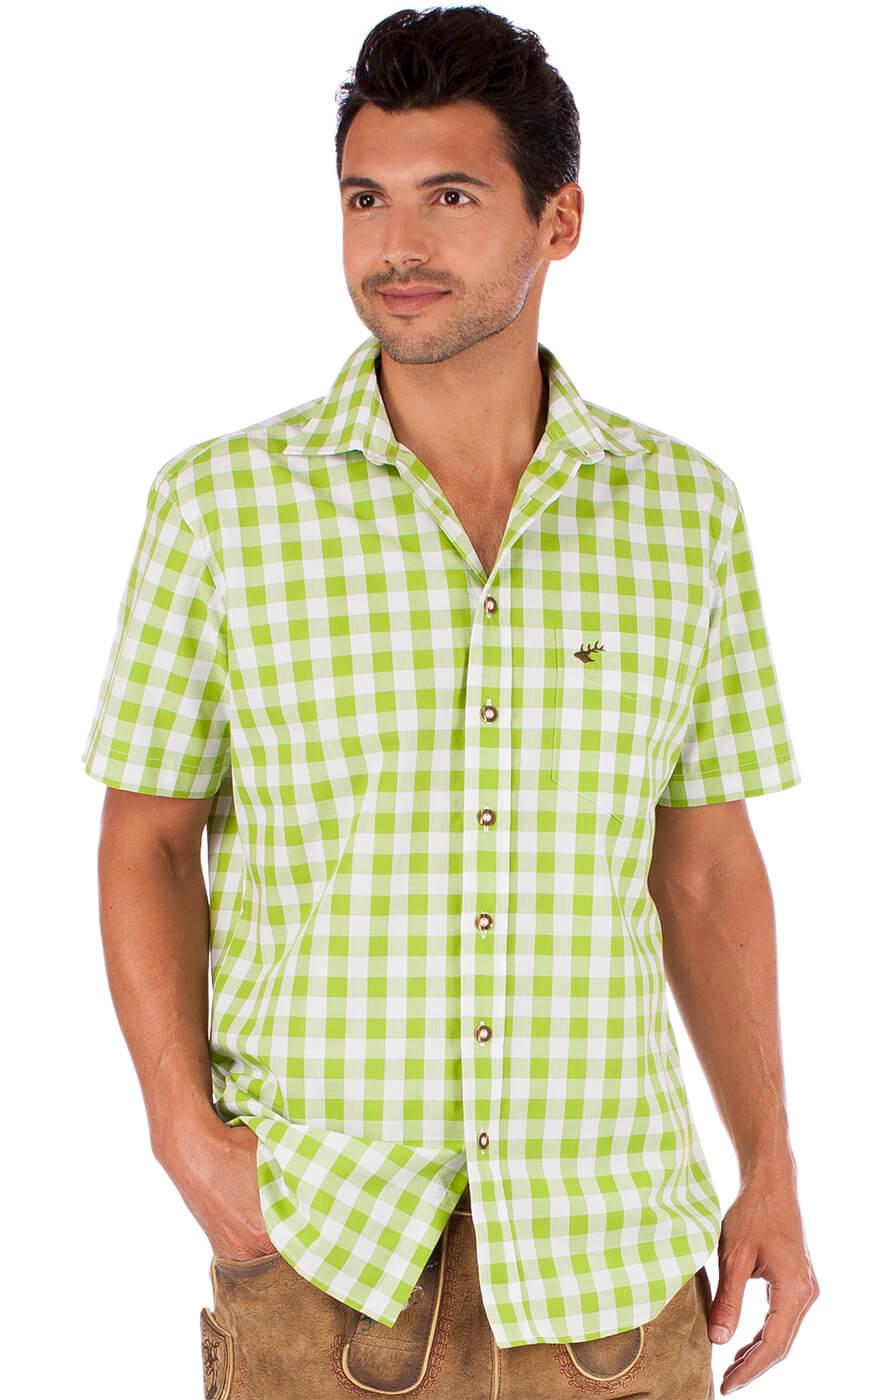 Tradizionale camicia a maniche corte 921000-3052-51 mela von OS-Trachten